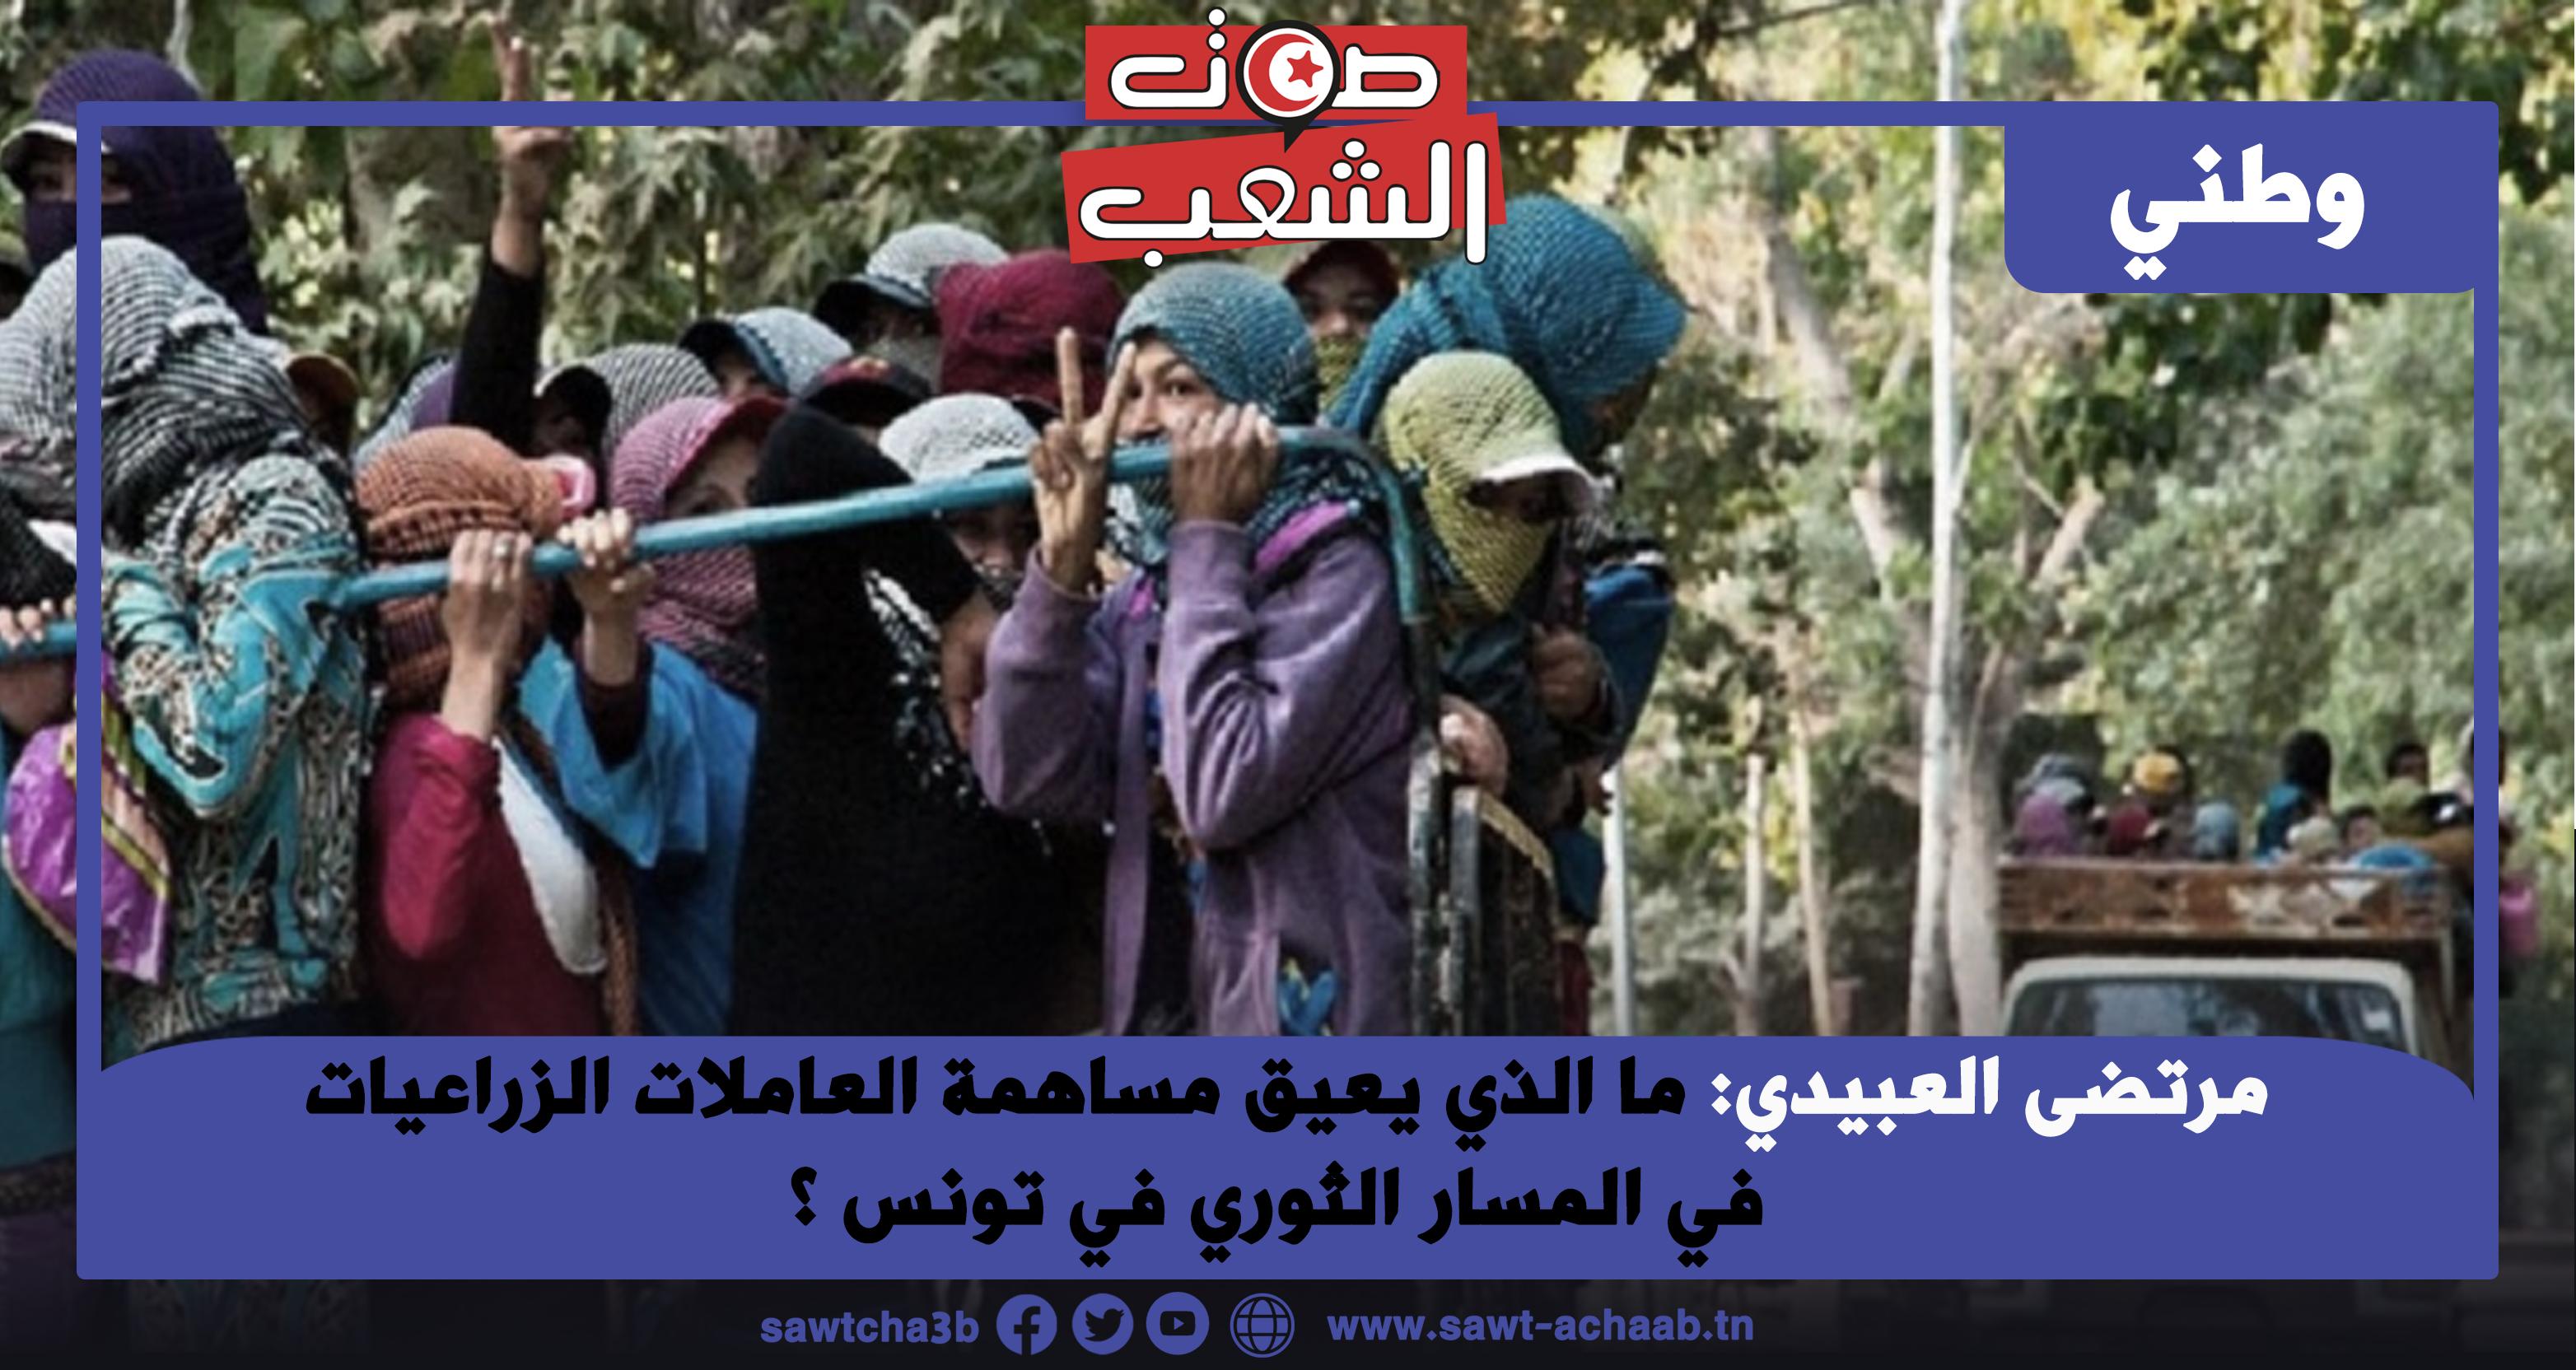 ما الذي يعيق مساهمة العاملات الزراعيات في المسار الثوري في تونس ؟